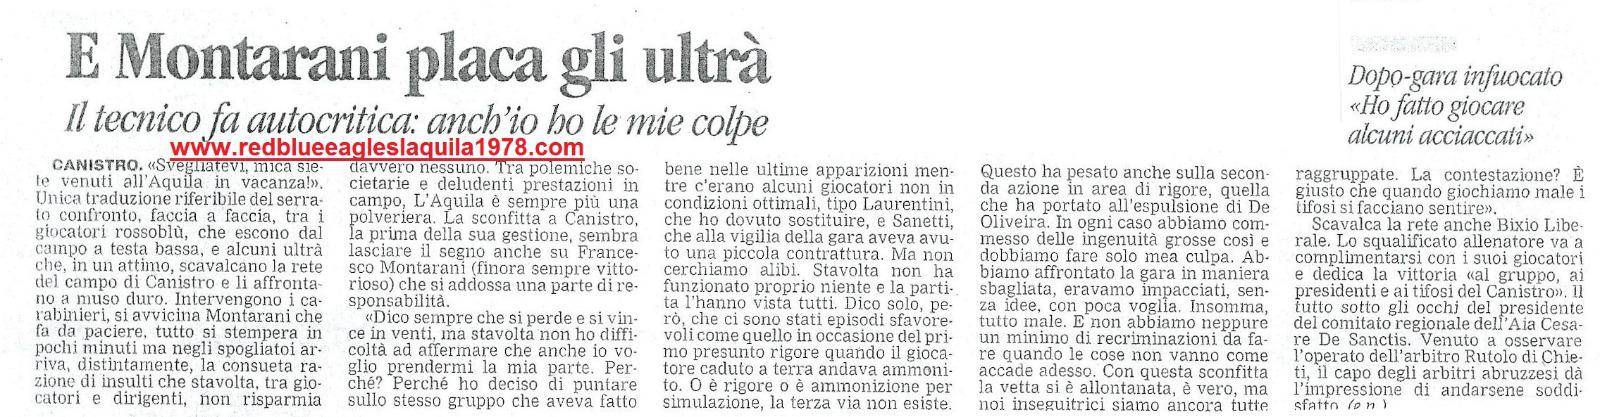 Invasione di campo e aggressione ai giocatori dell'Aquila a fine partita.Canistro-L'Aquila 5-11-2006 Eccellenza